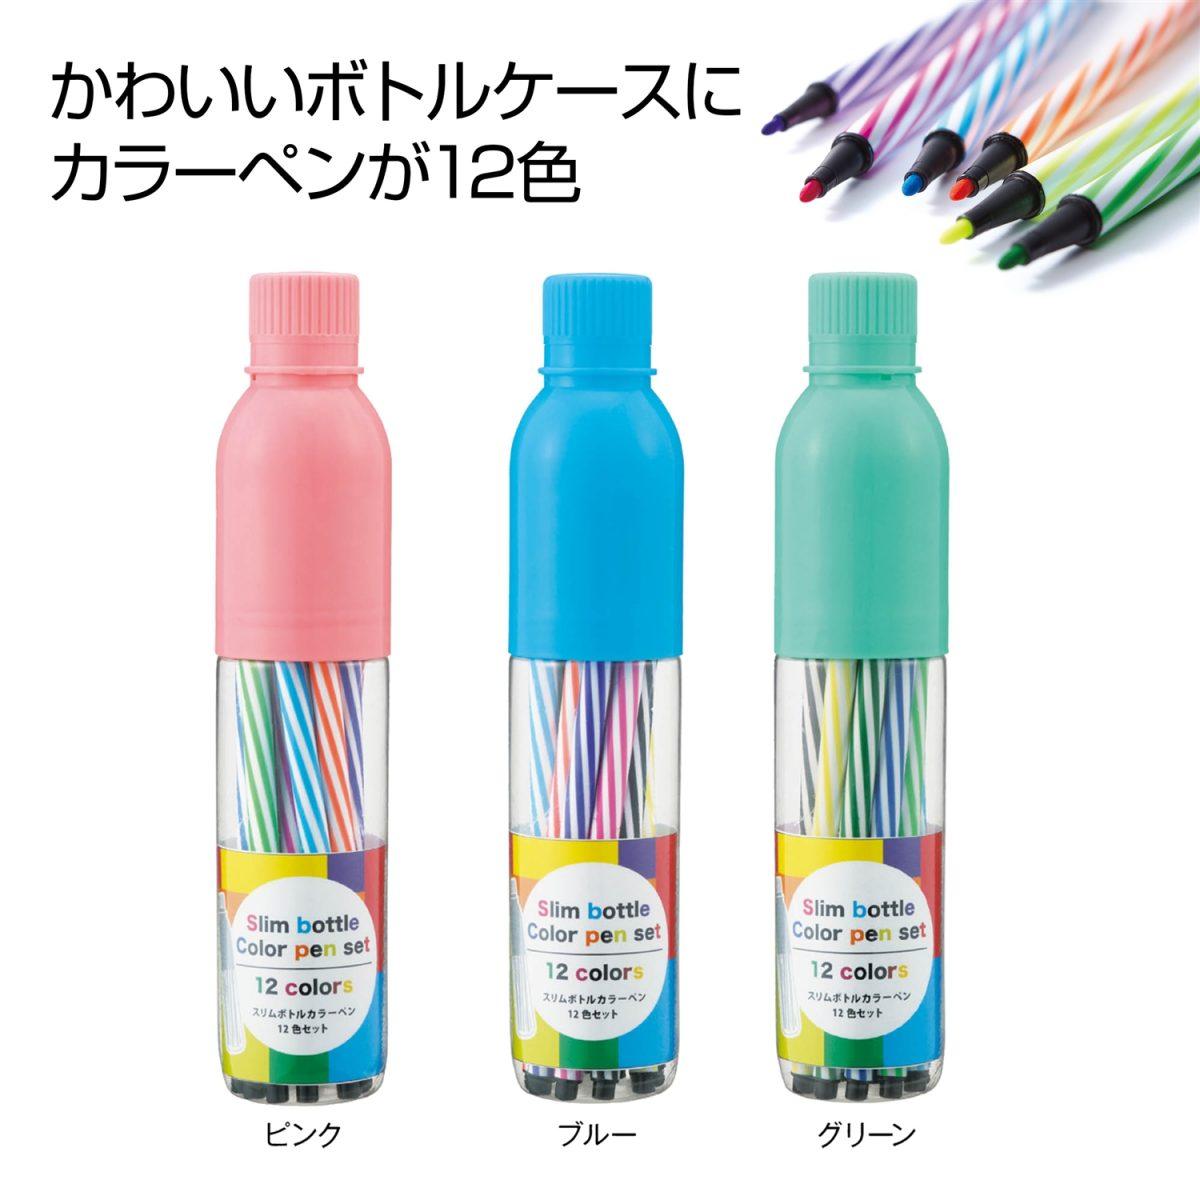 スリムボトルカラーペン12色セット